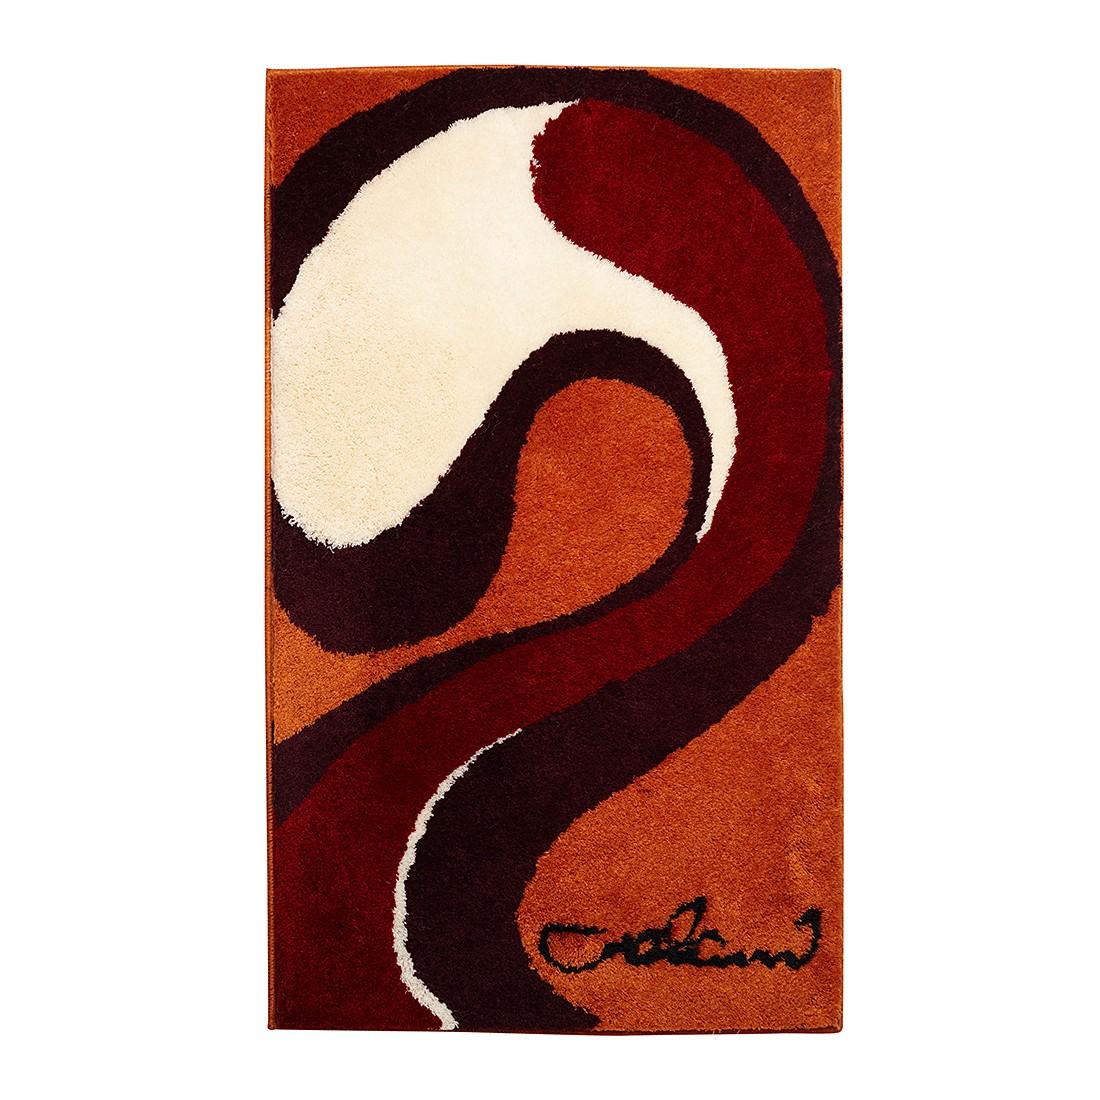 Badteppich Colani 7B – Orange – Größe: 150 x 80 cm, Colani jetzt bestellen